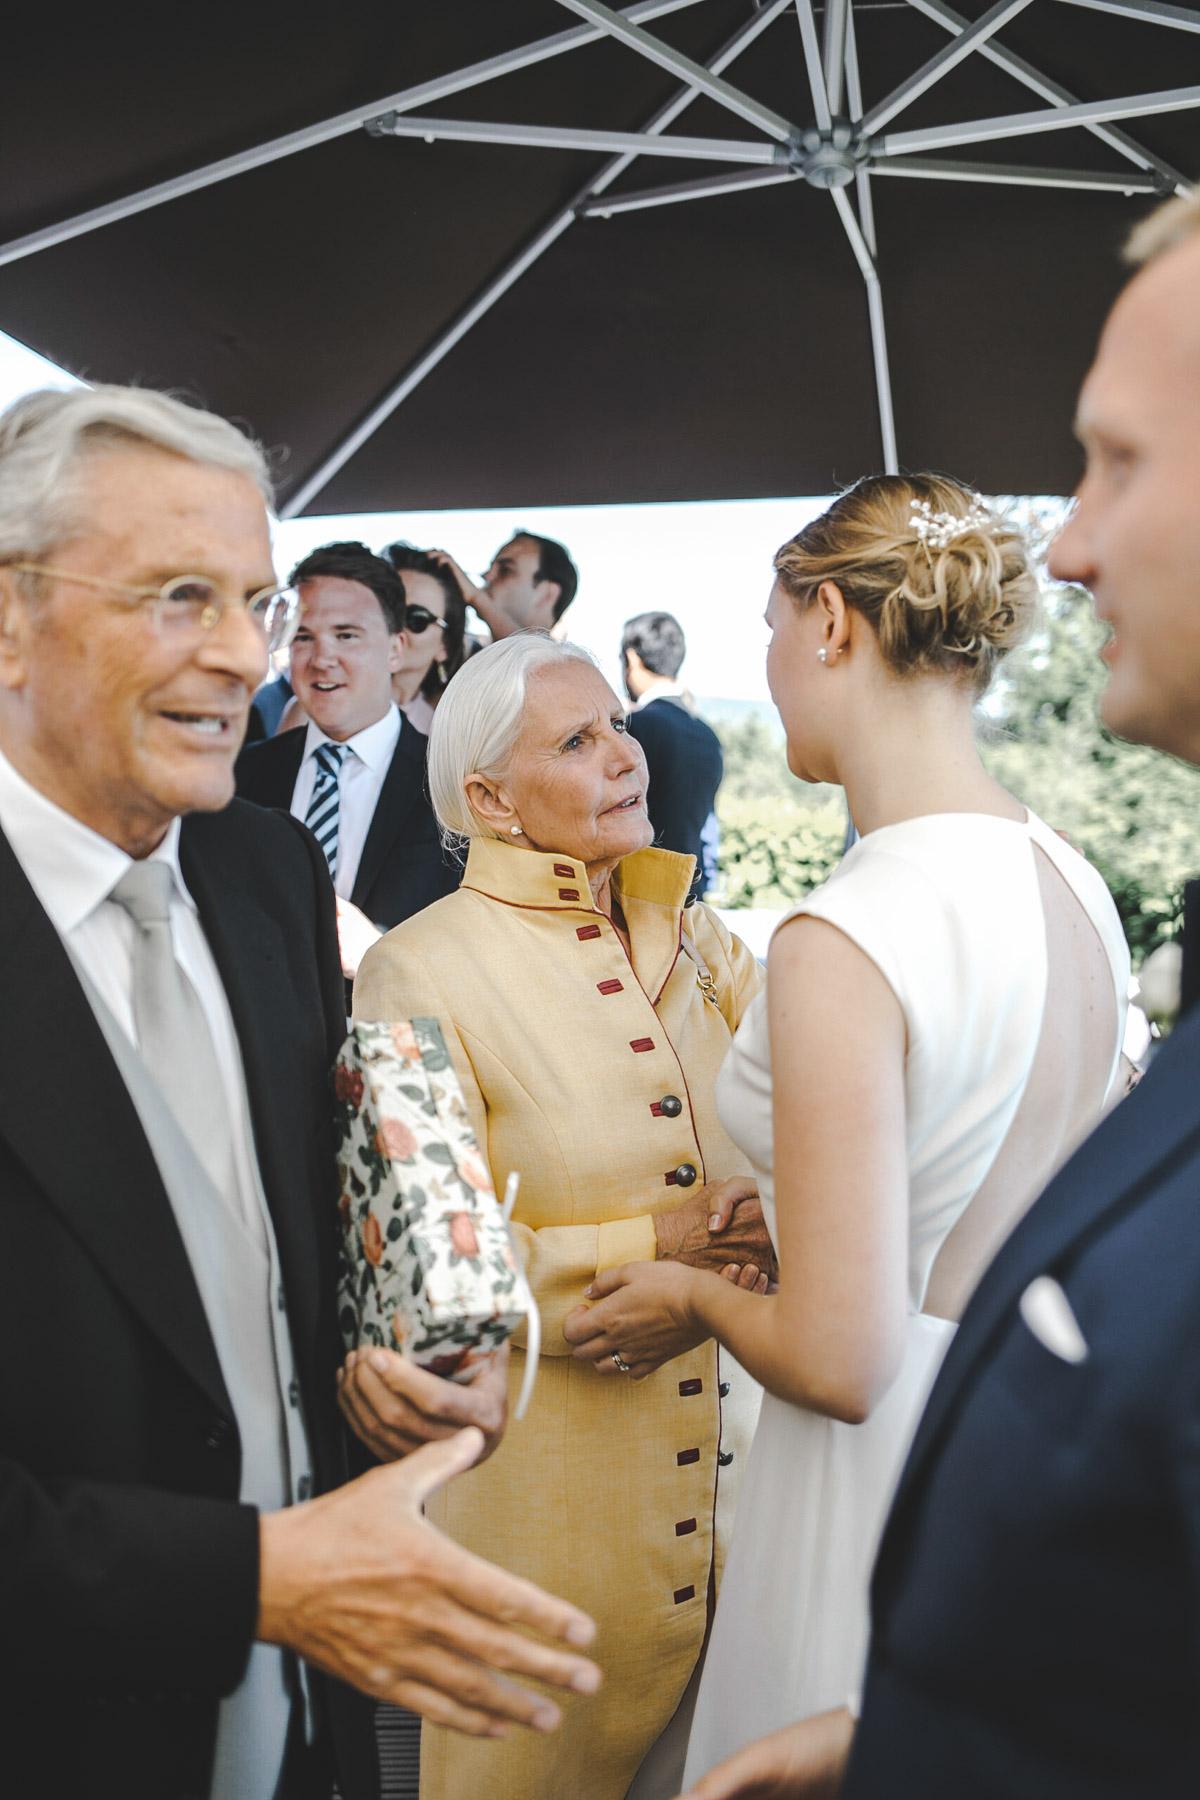 Barbara und Thorsten | Hochzeit am Starnenberger See - Fotografin Guelten Hamidanoglu Fotografie Koeln BT 19 624